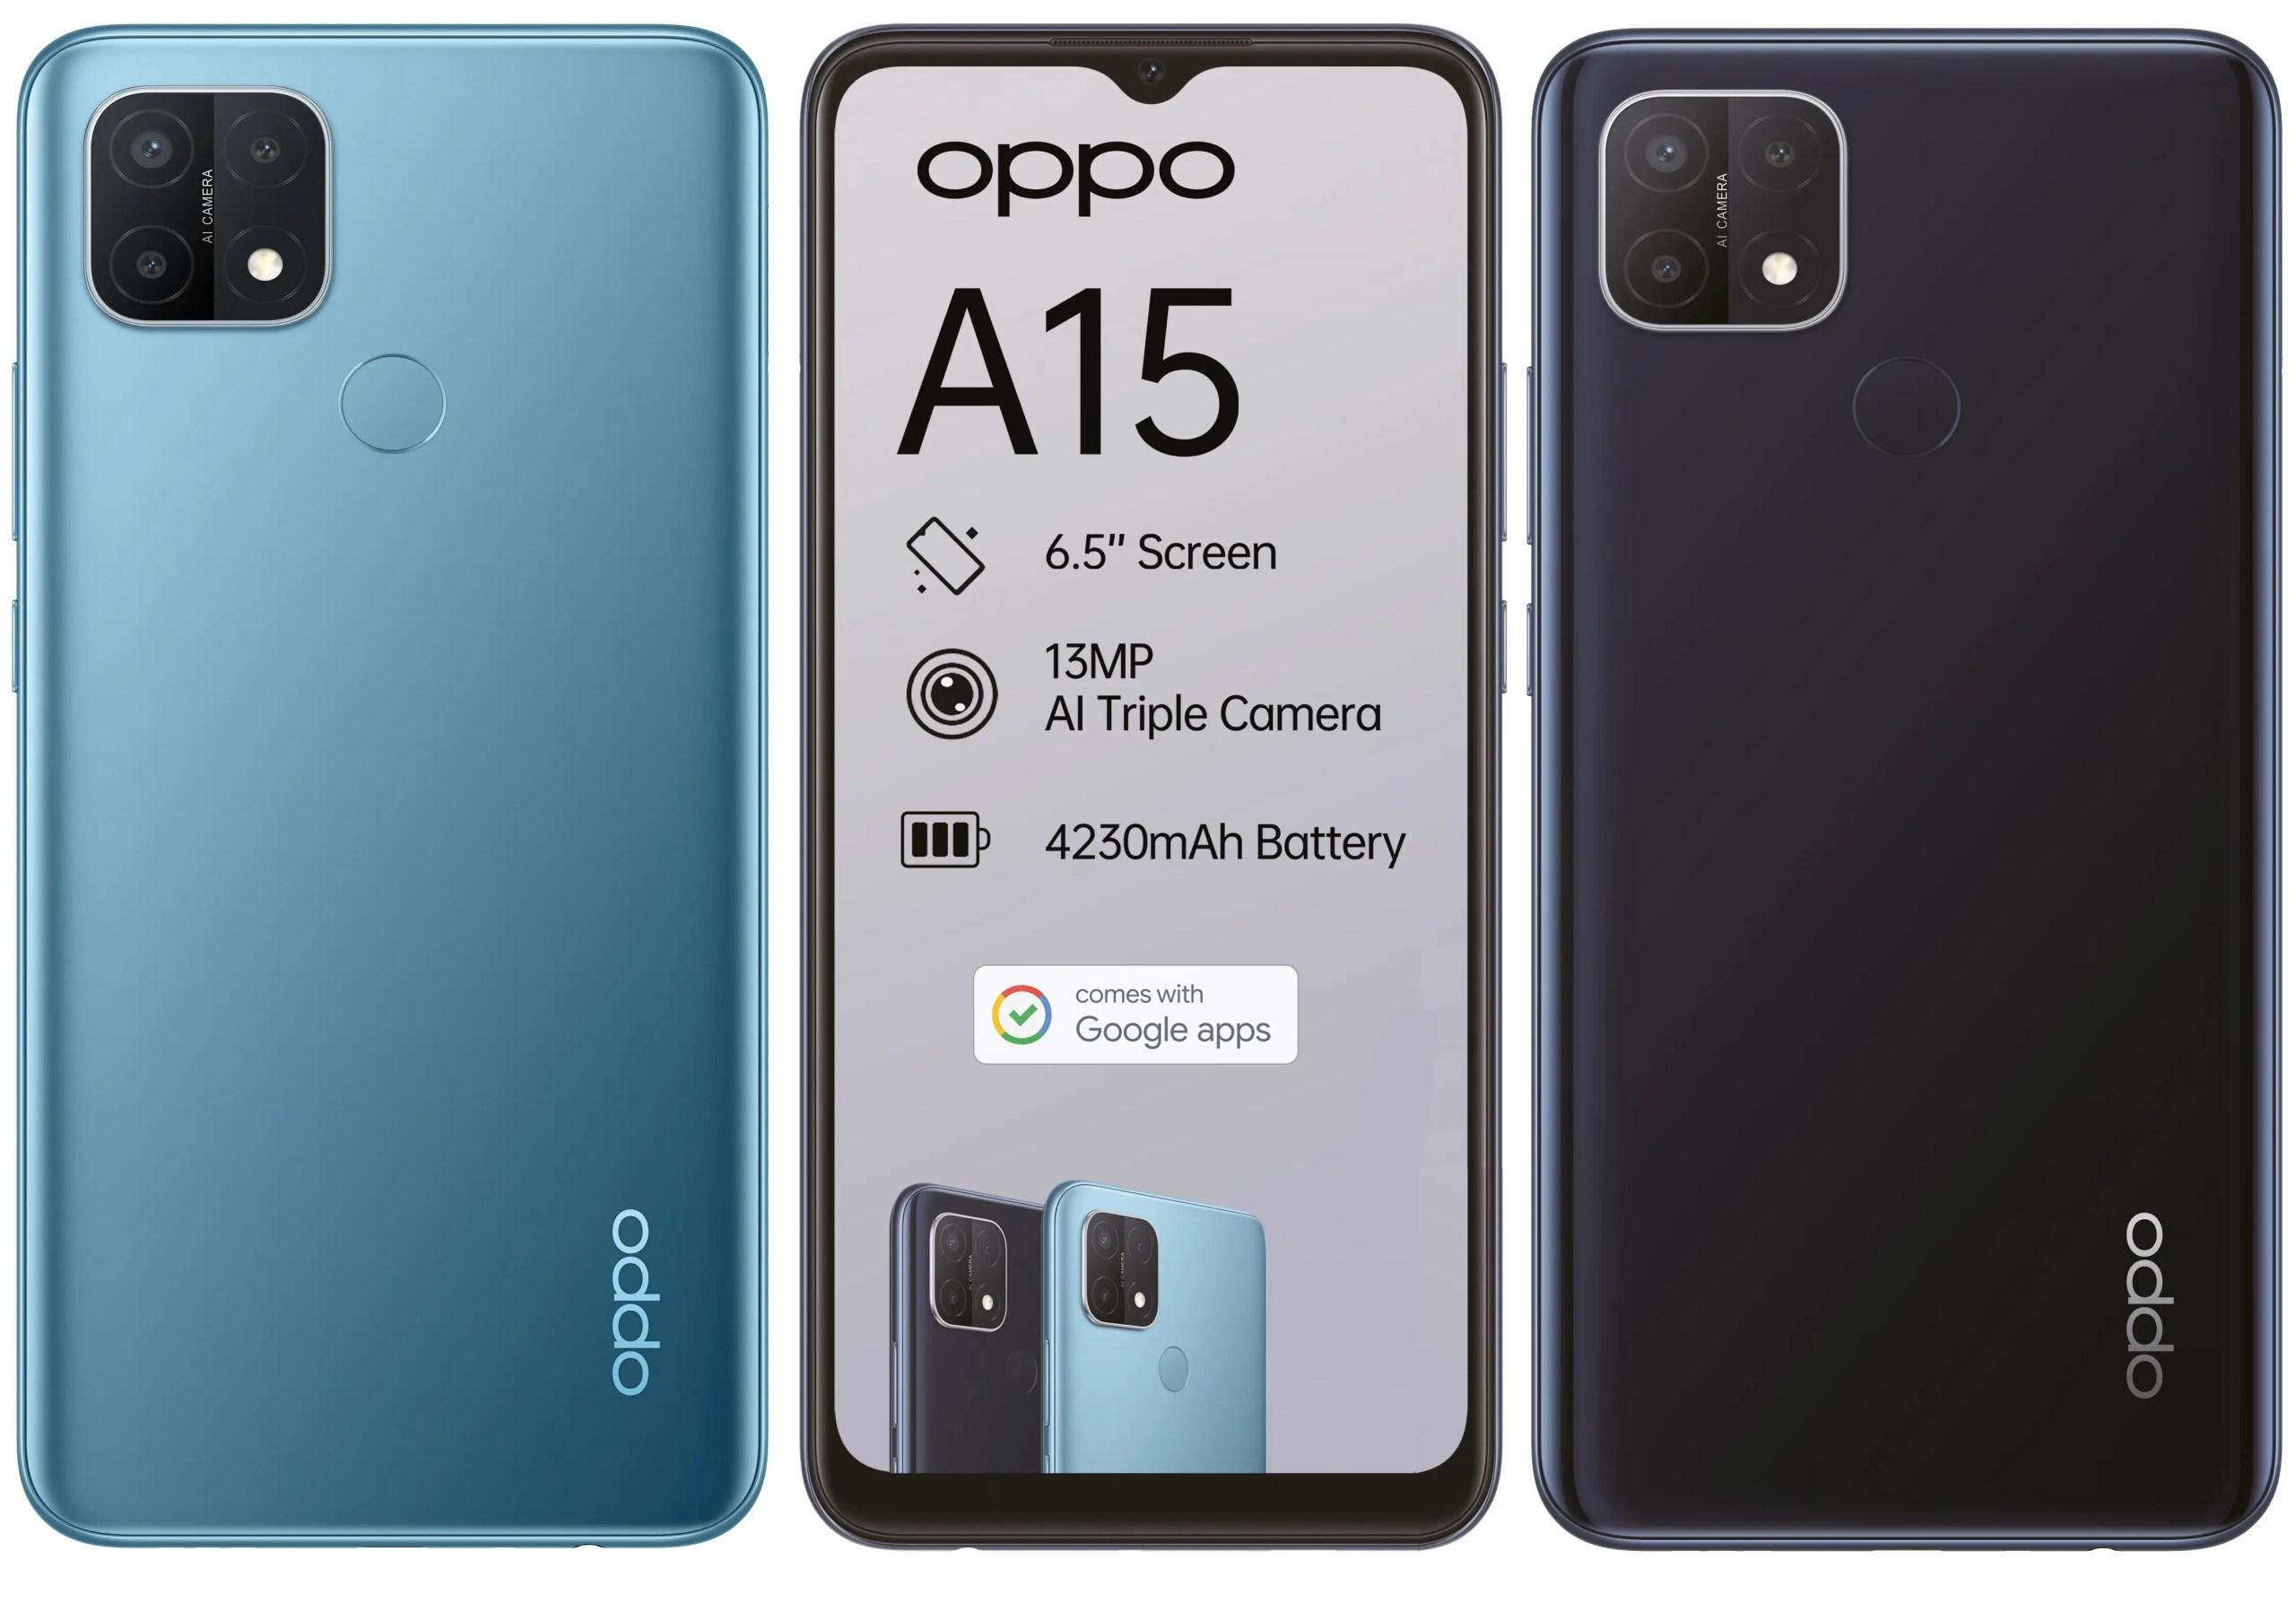 مزايا وعيوب أحدث إضافات Oppo الاقتصادية Oppo A15